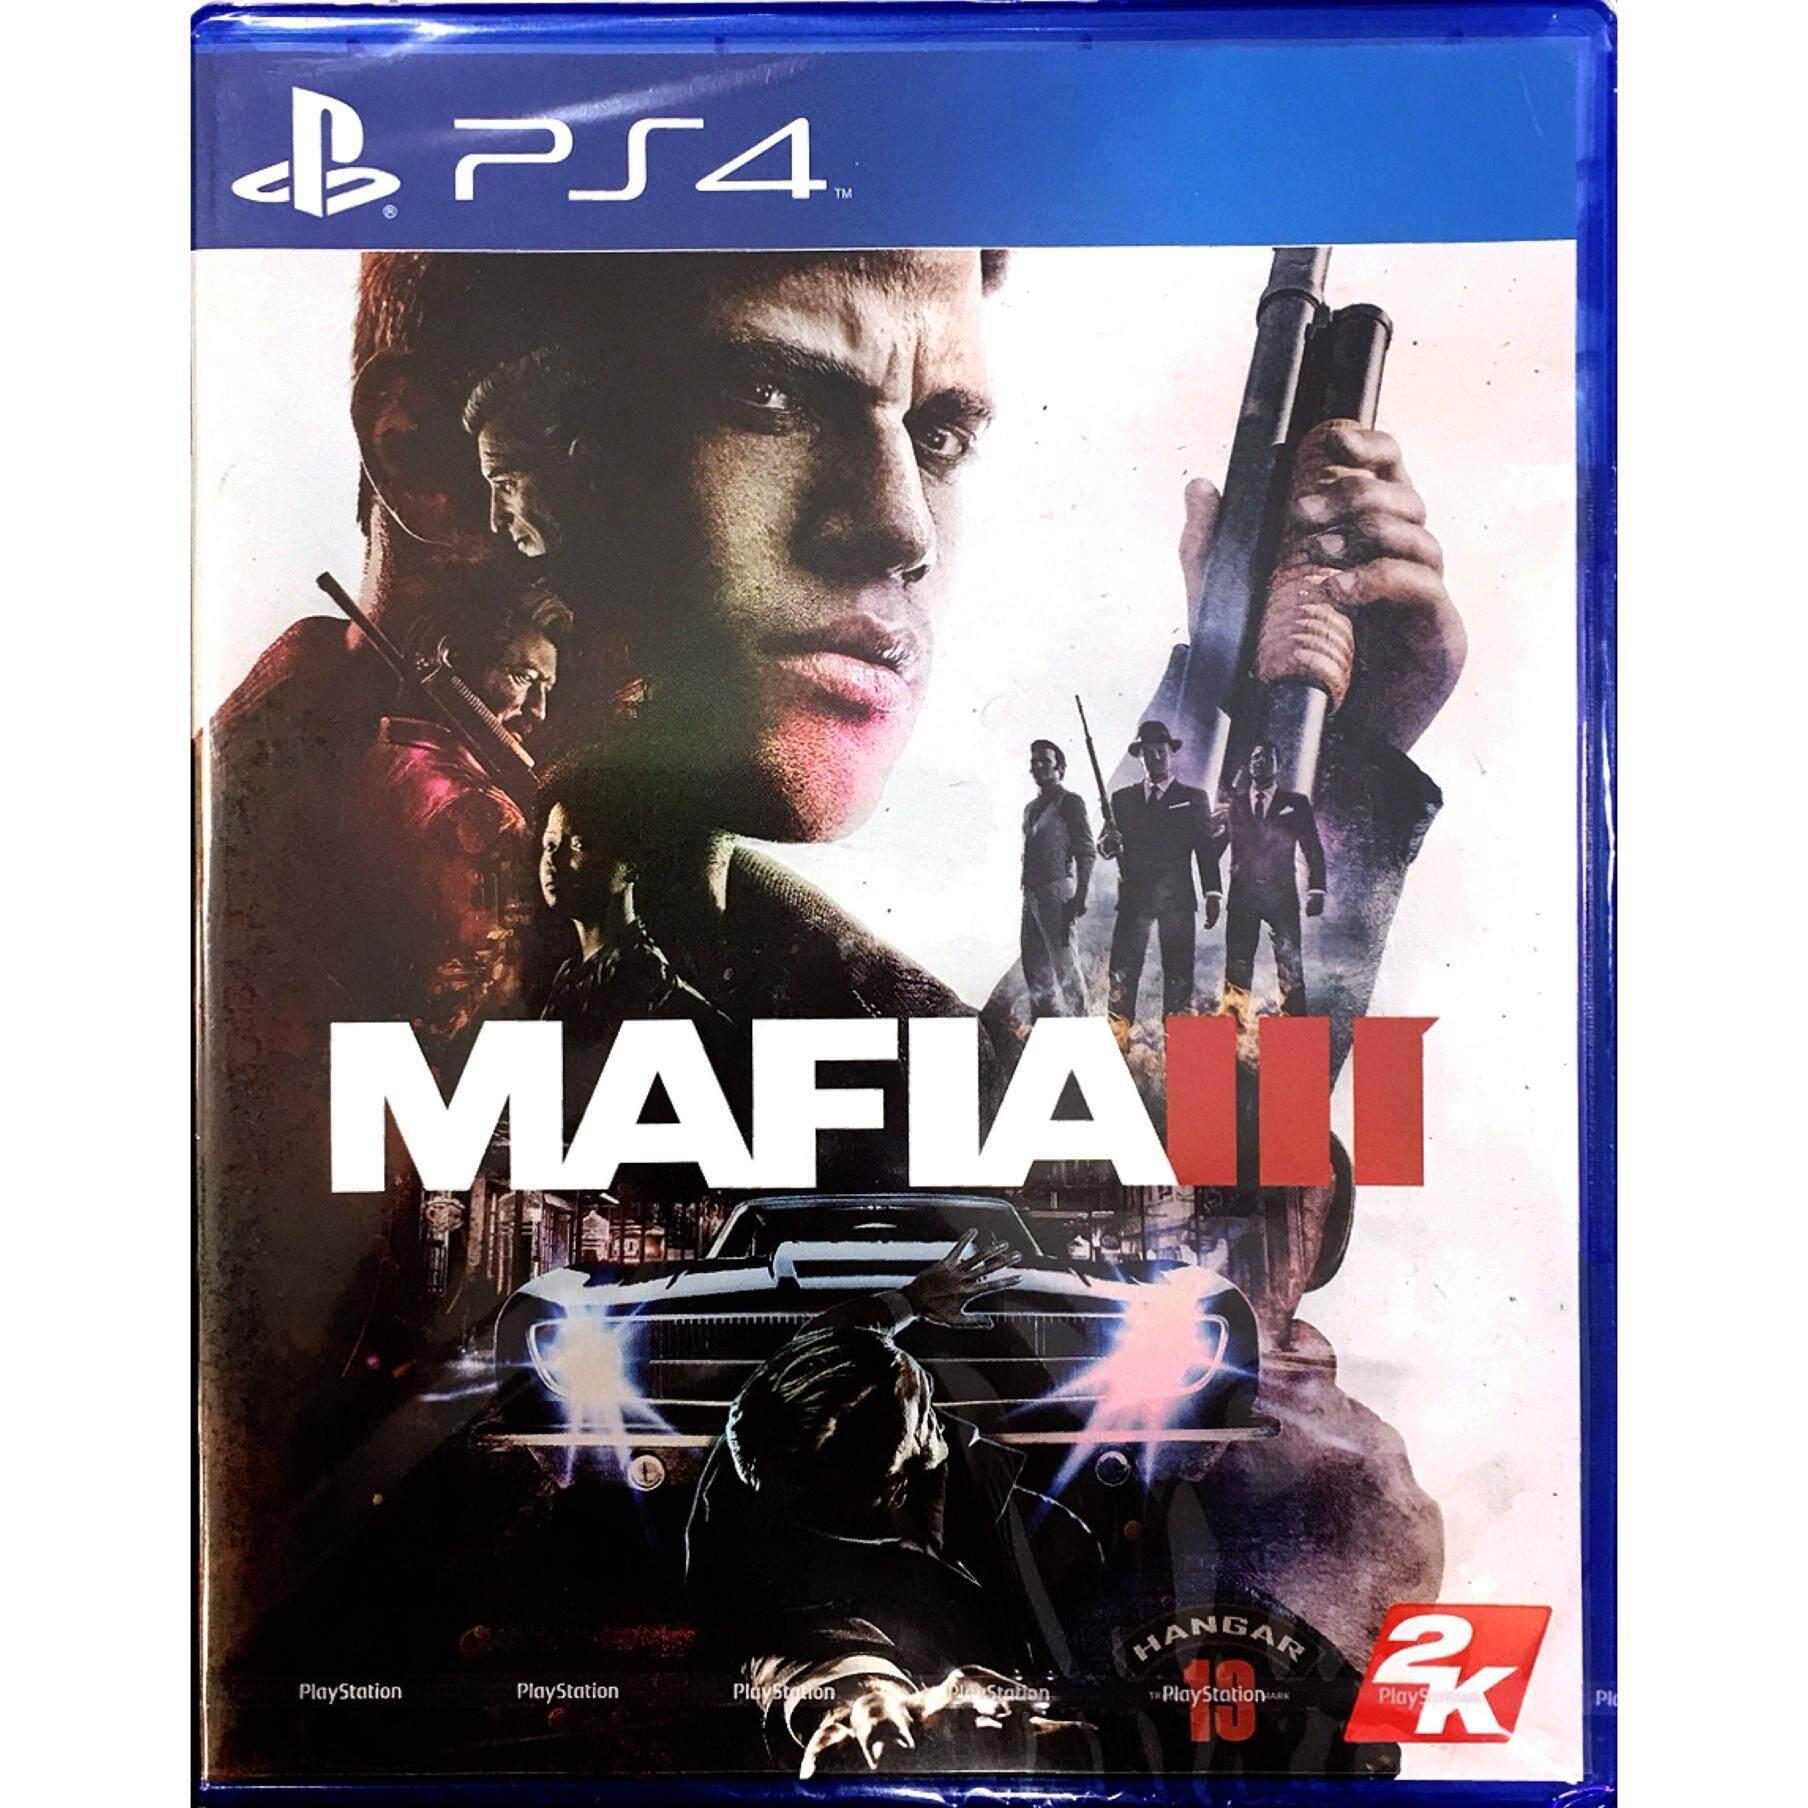 PS4 Mafia 3 ZONE3 English